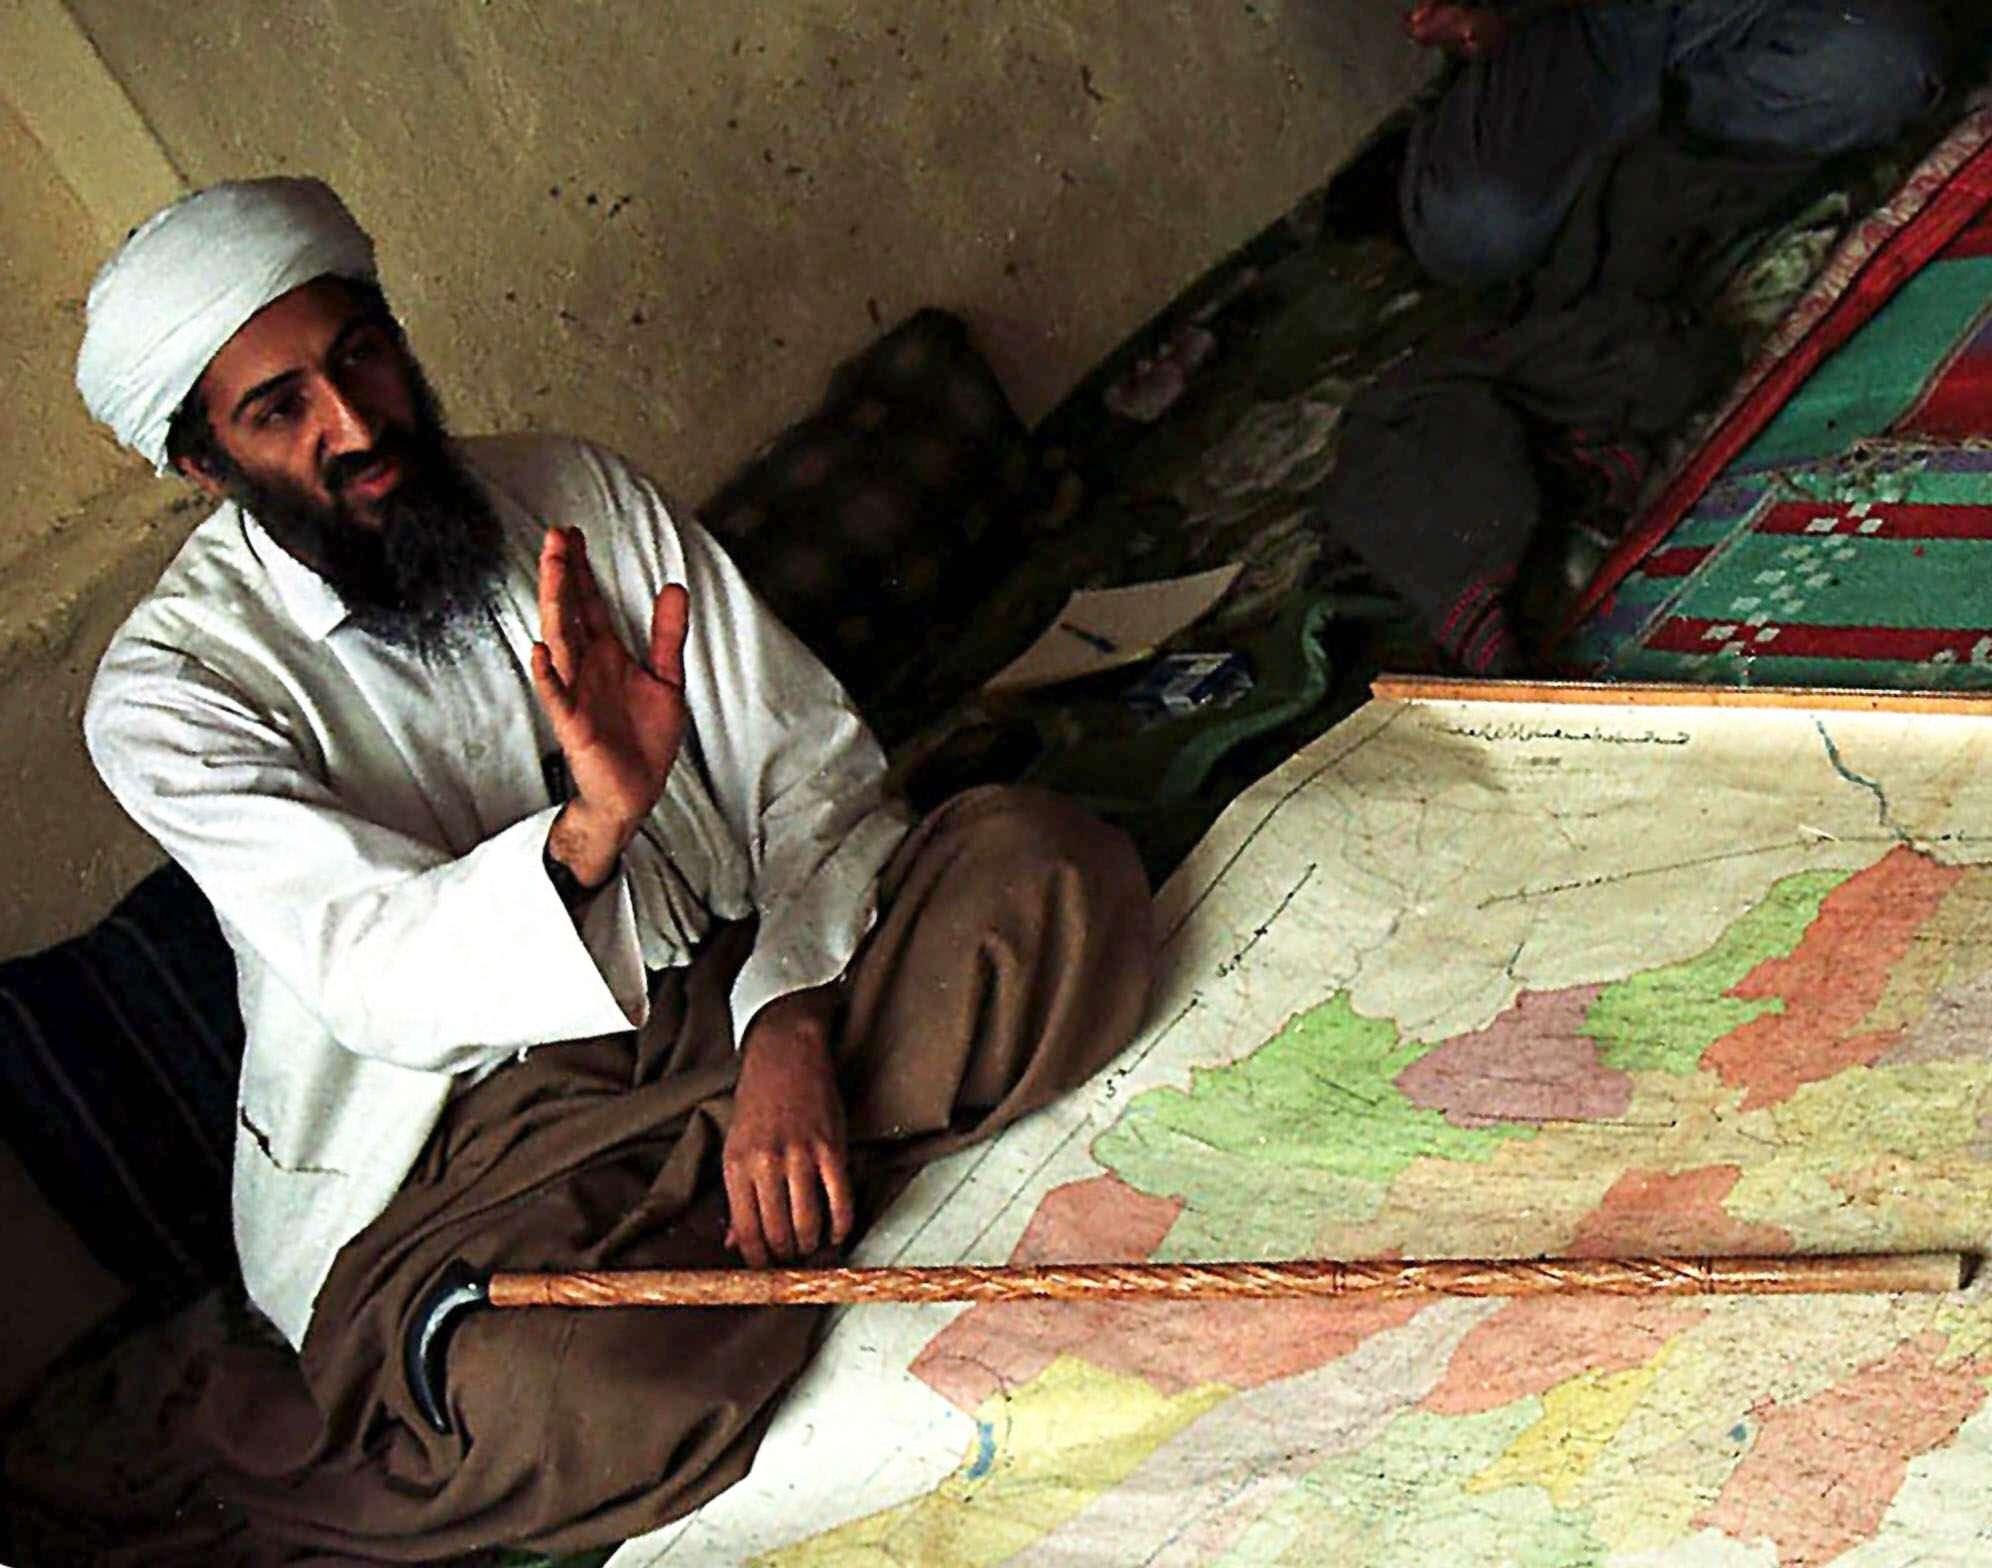 Osama Bin Laden murió durante un operativo de las fuerzas de los Navy Seals en Abbotabat, Pakistán. Foto: AP en español